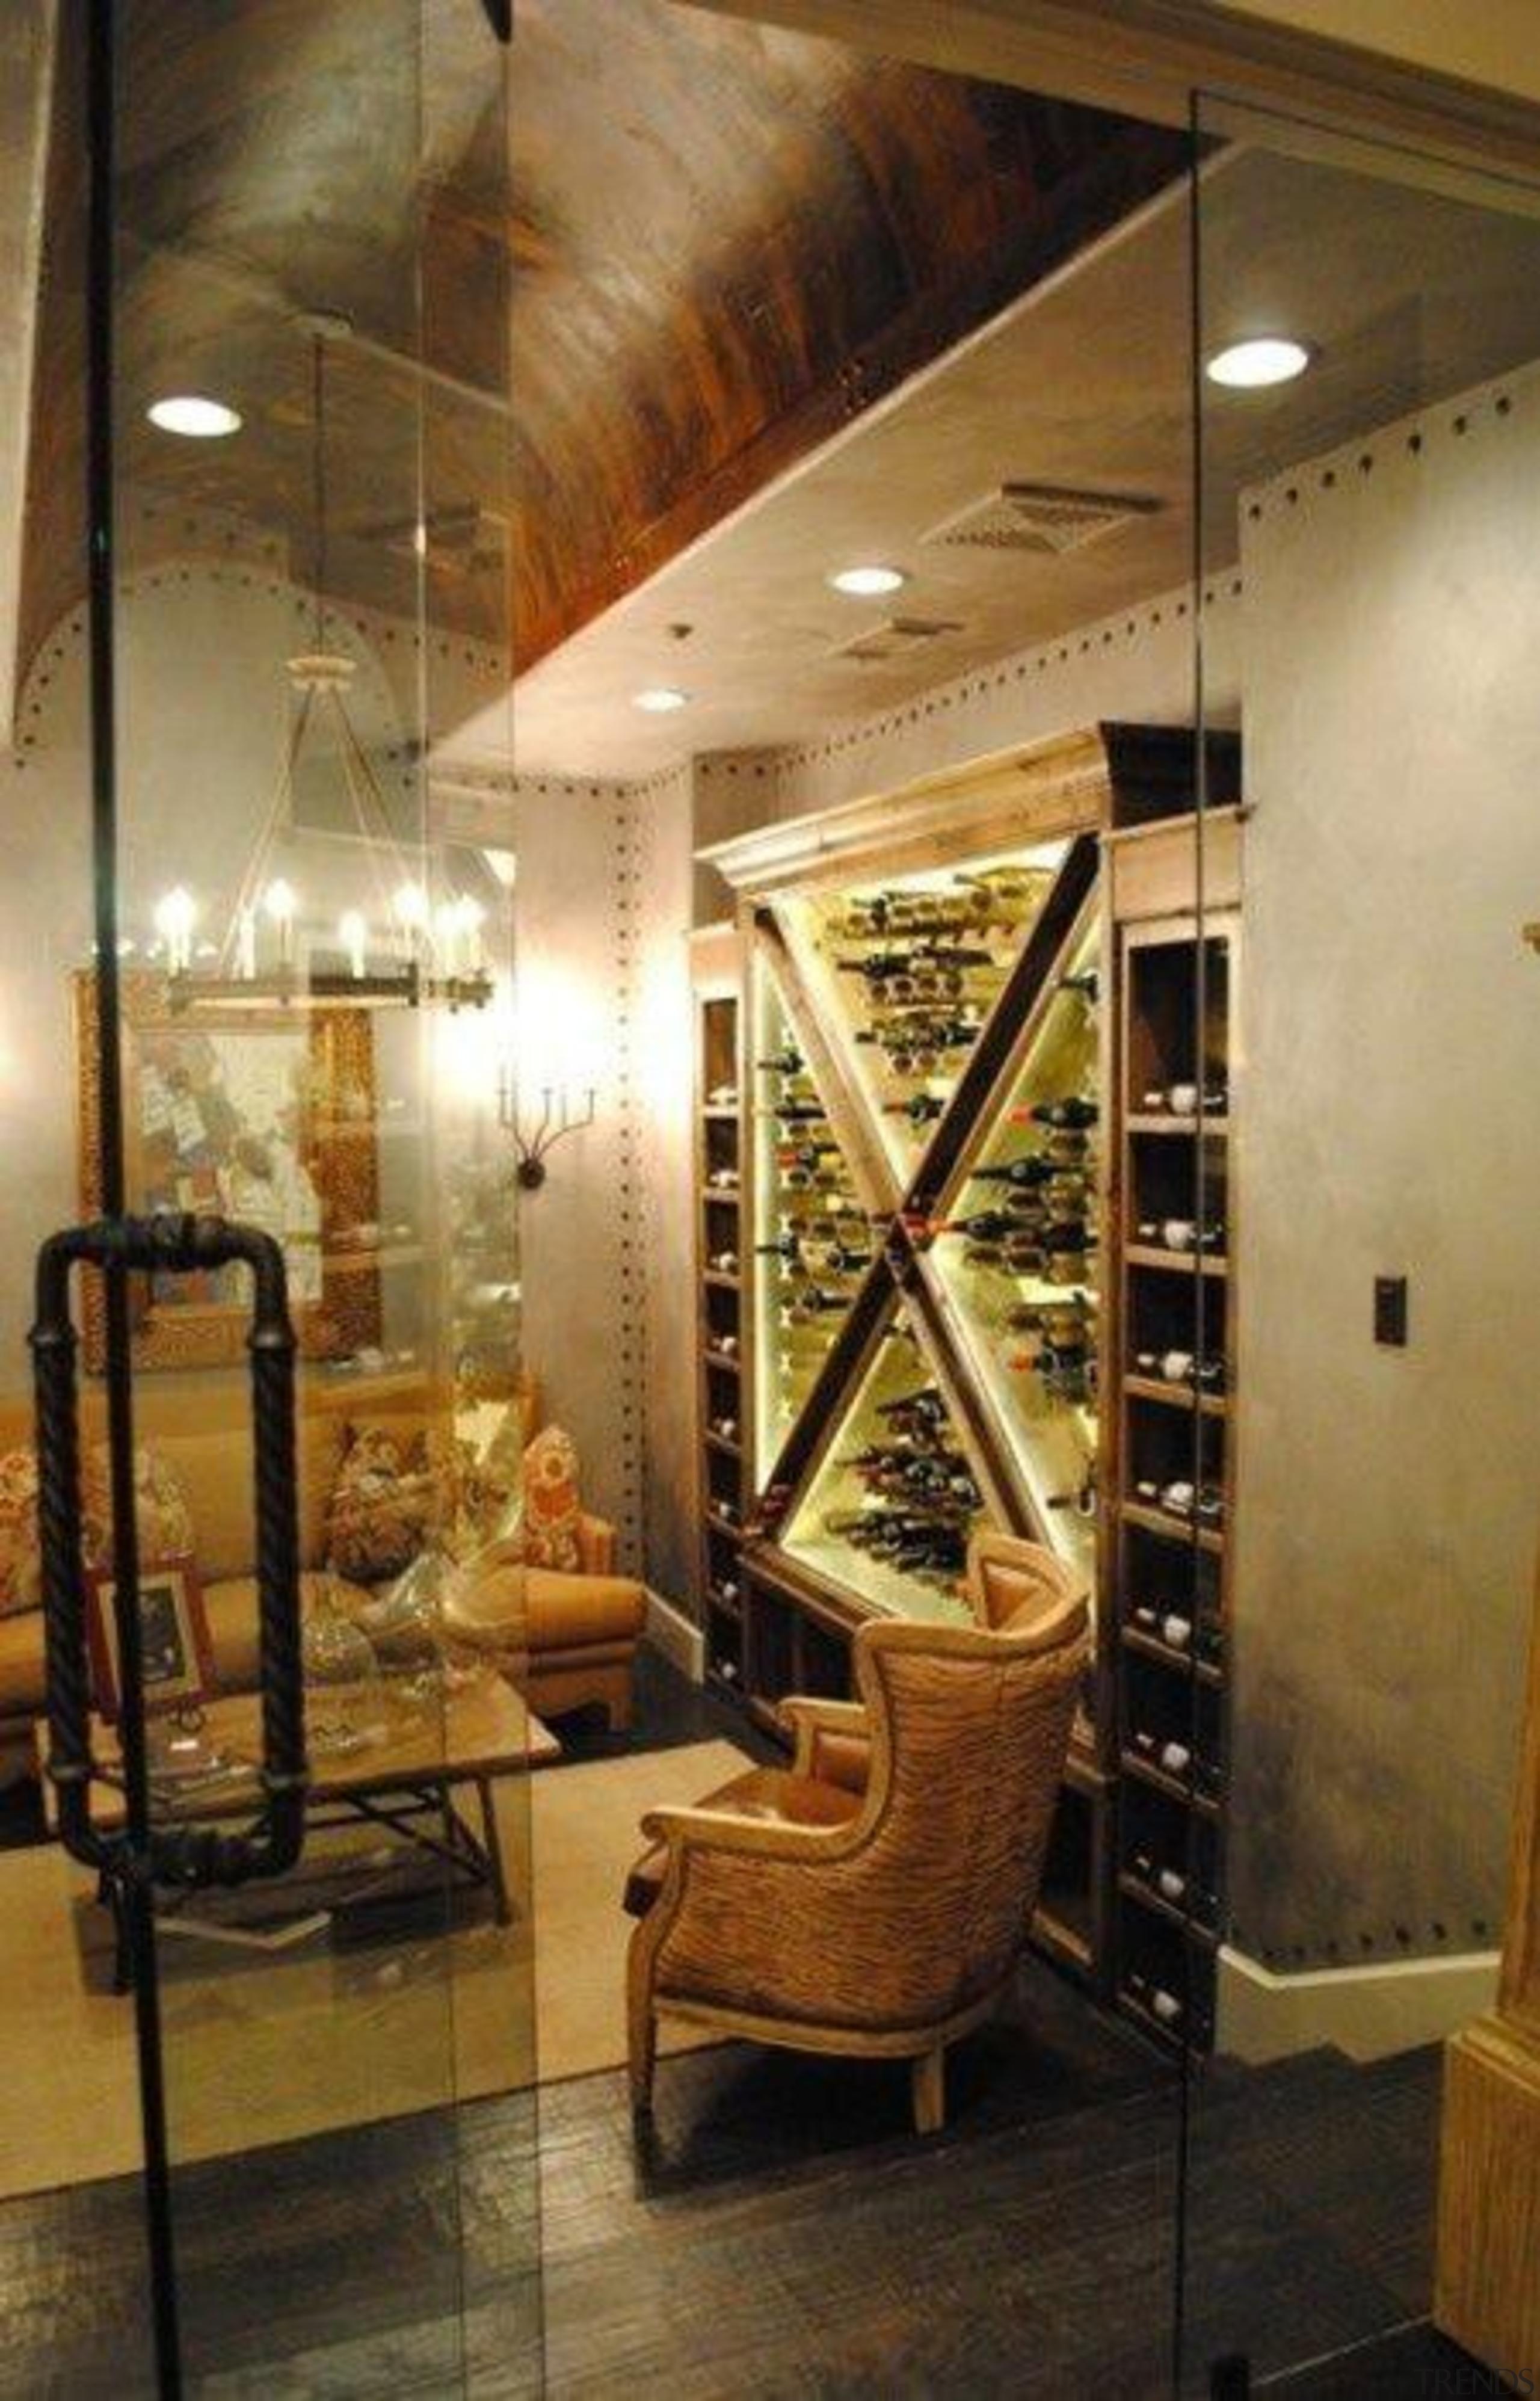 Modern Wine Cellar Ideas - Modern Wine Cellar ceiling, furniture, interior design, brown